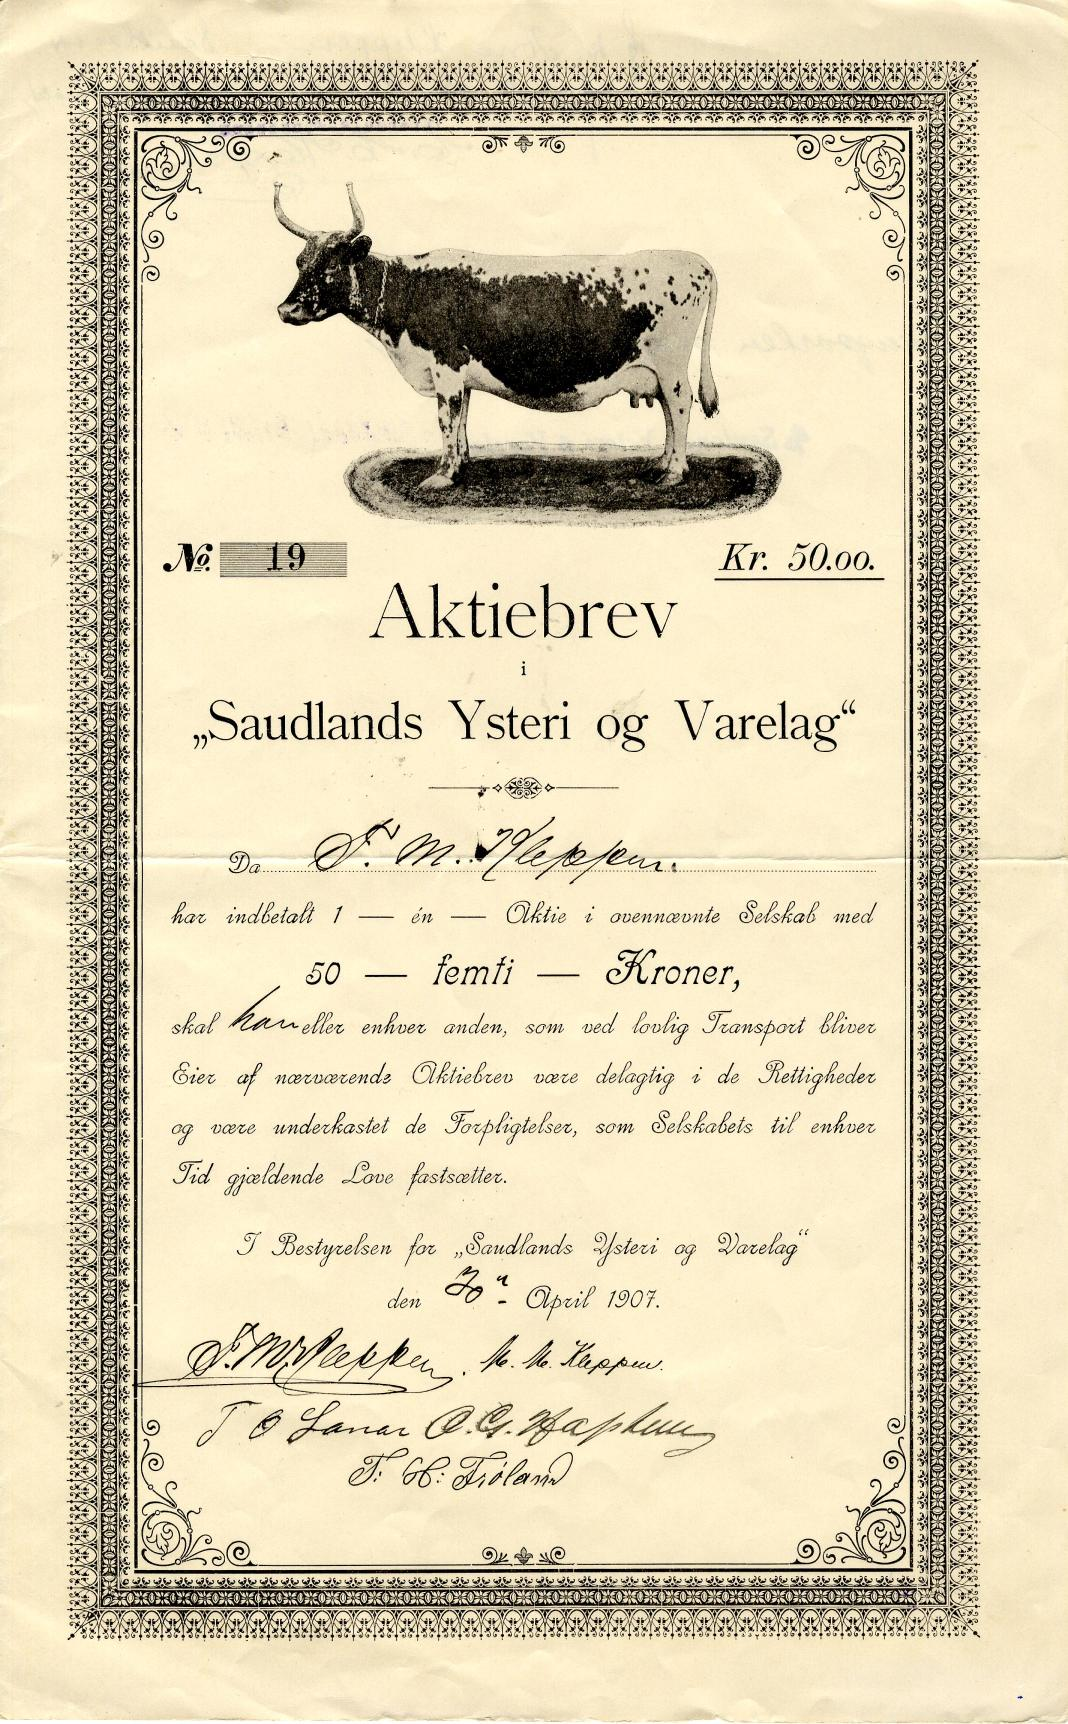 saudlands-ysteri-og-varelag_1907_50